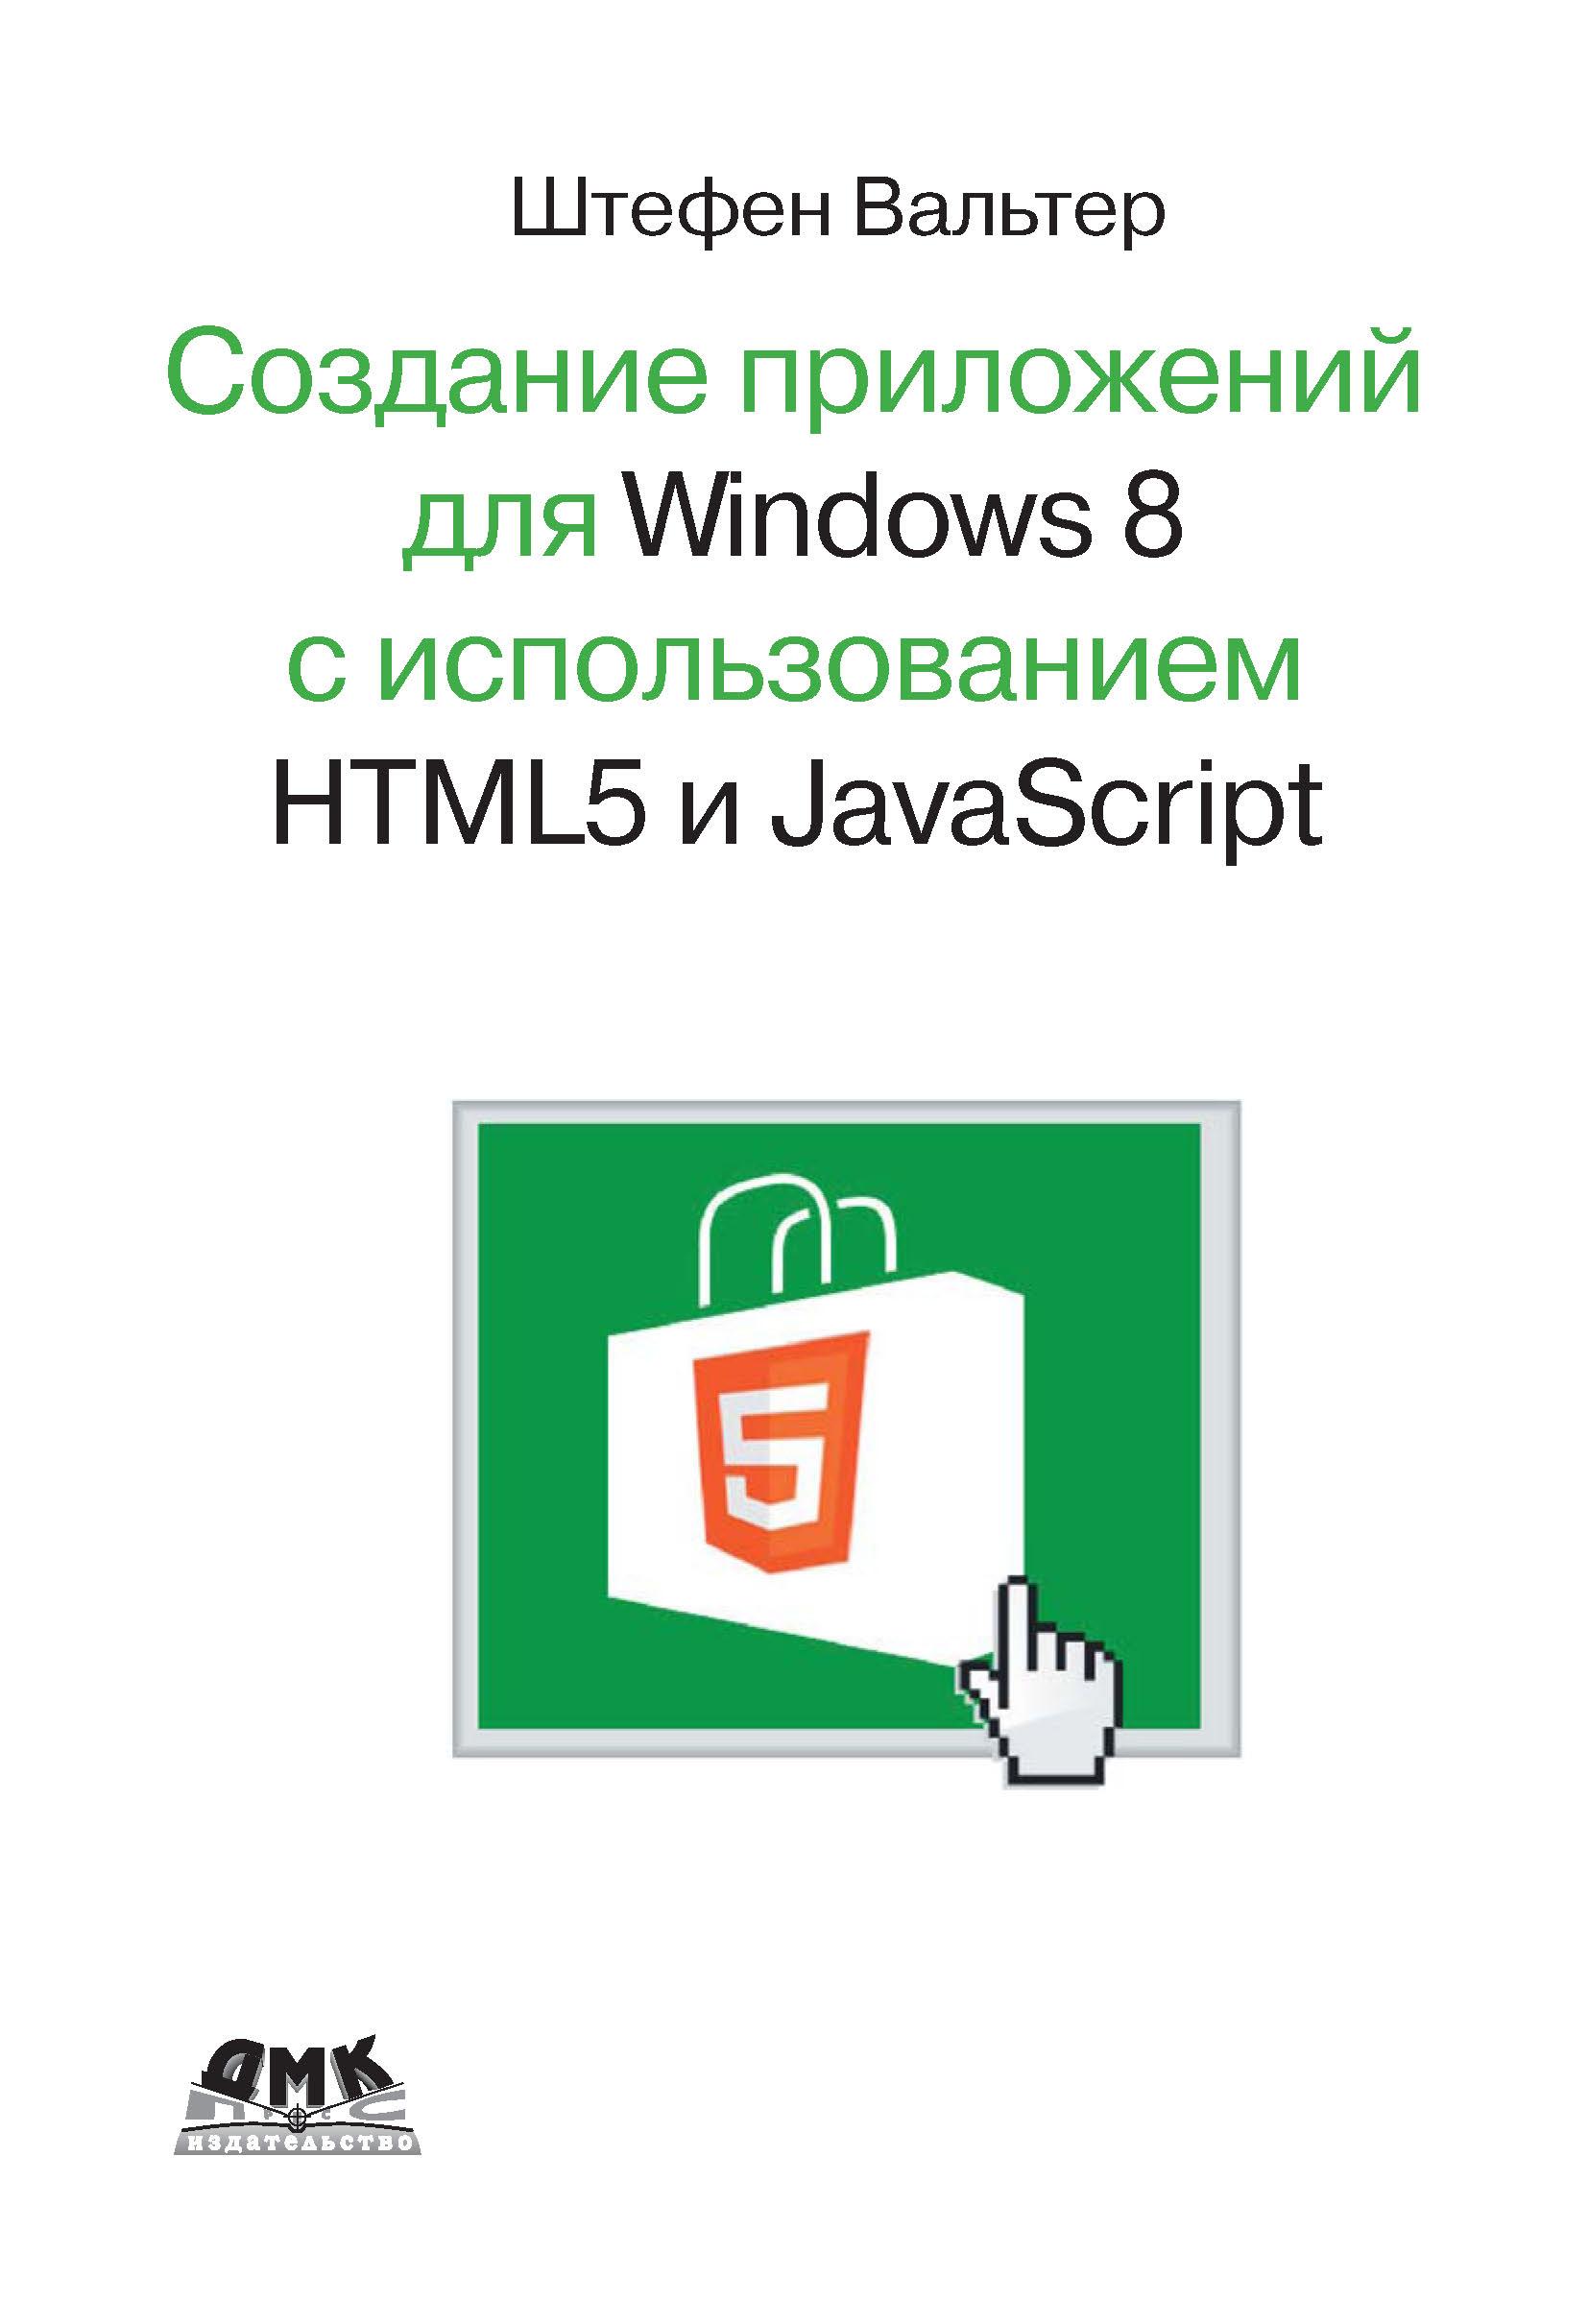 Штефен Вальтер Разработка приложений для Windows 8 с помощью HTML5 и JavaScript. Подробное руководство петцольд ч программирование для microsoft windows 8 6 е издание разработка приложений для windows 8 на html5 и javascript комплект из 2 книг